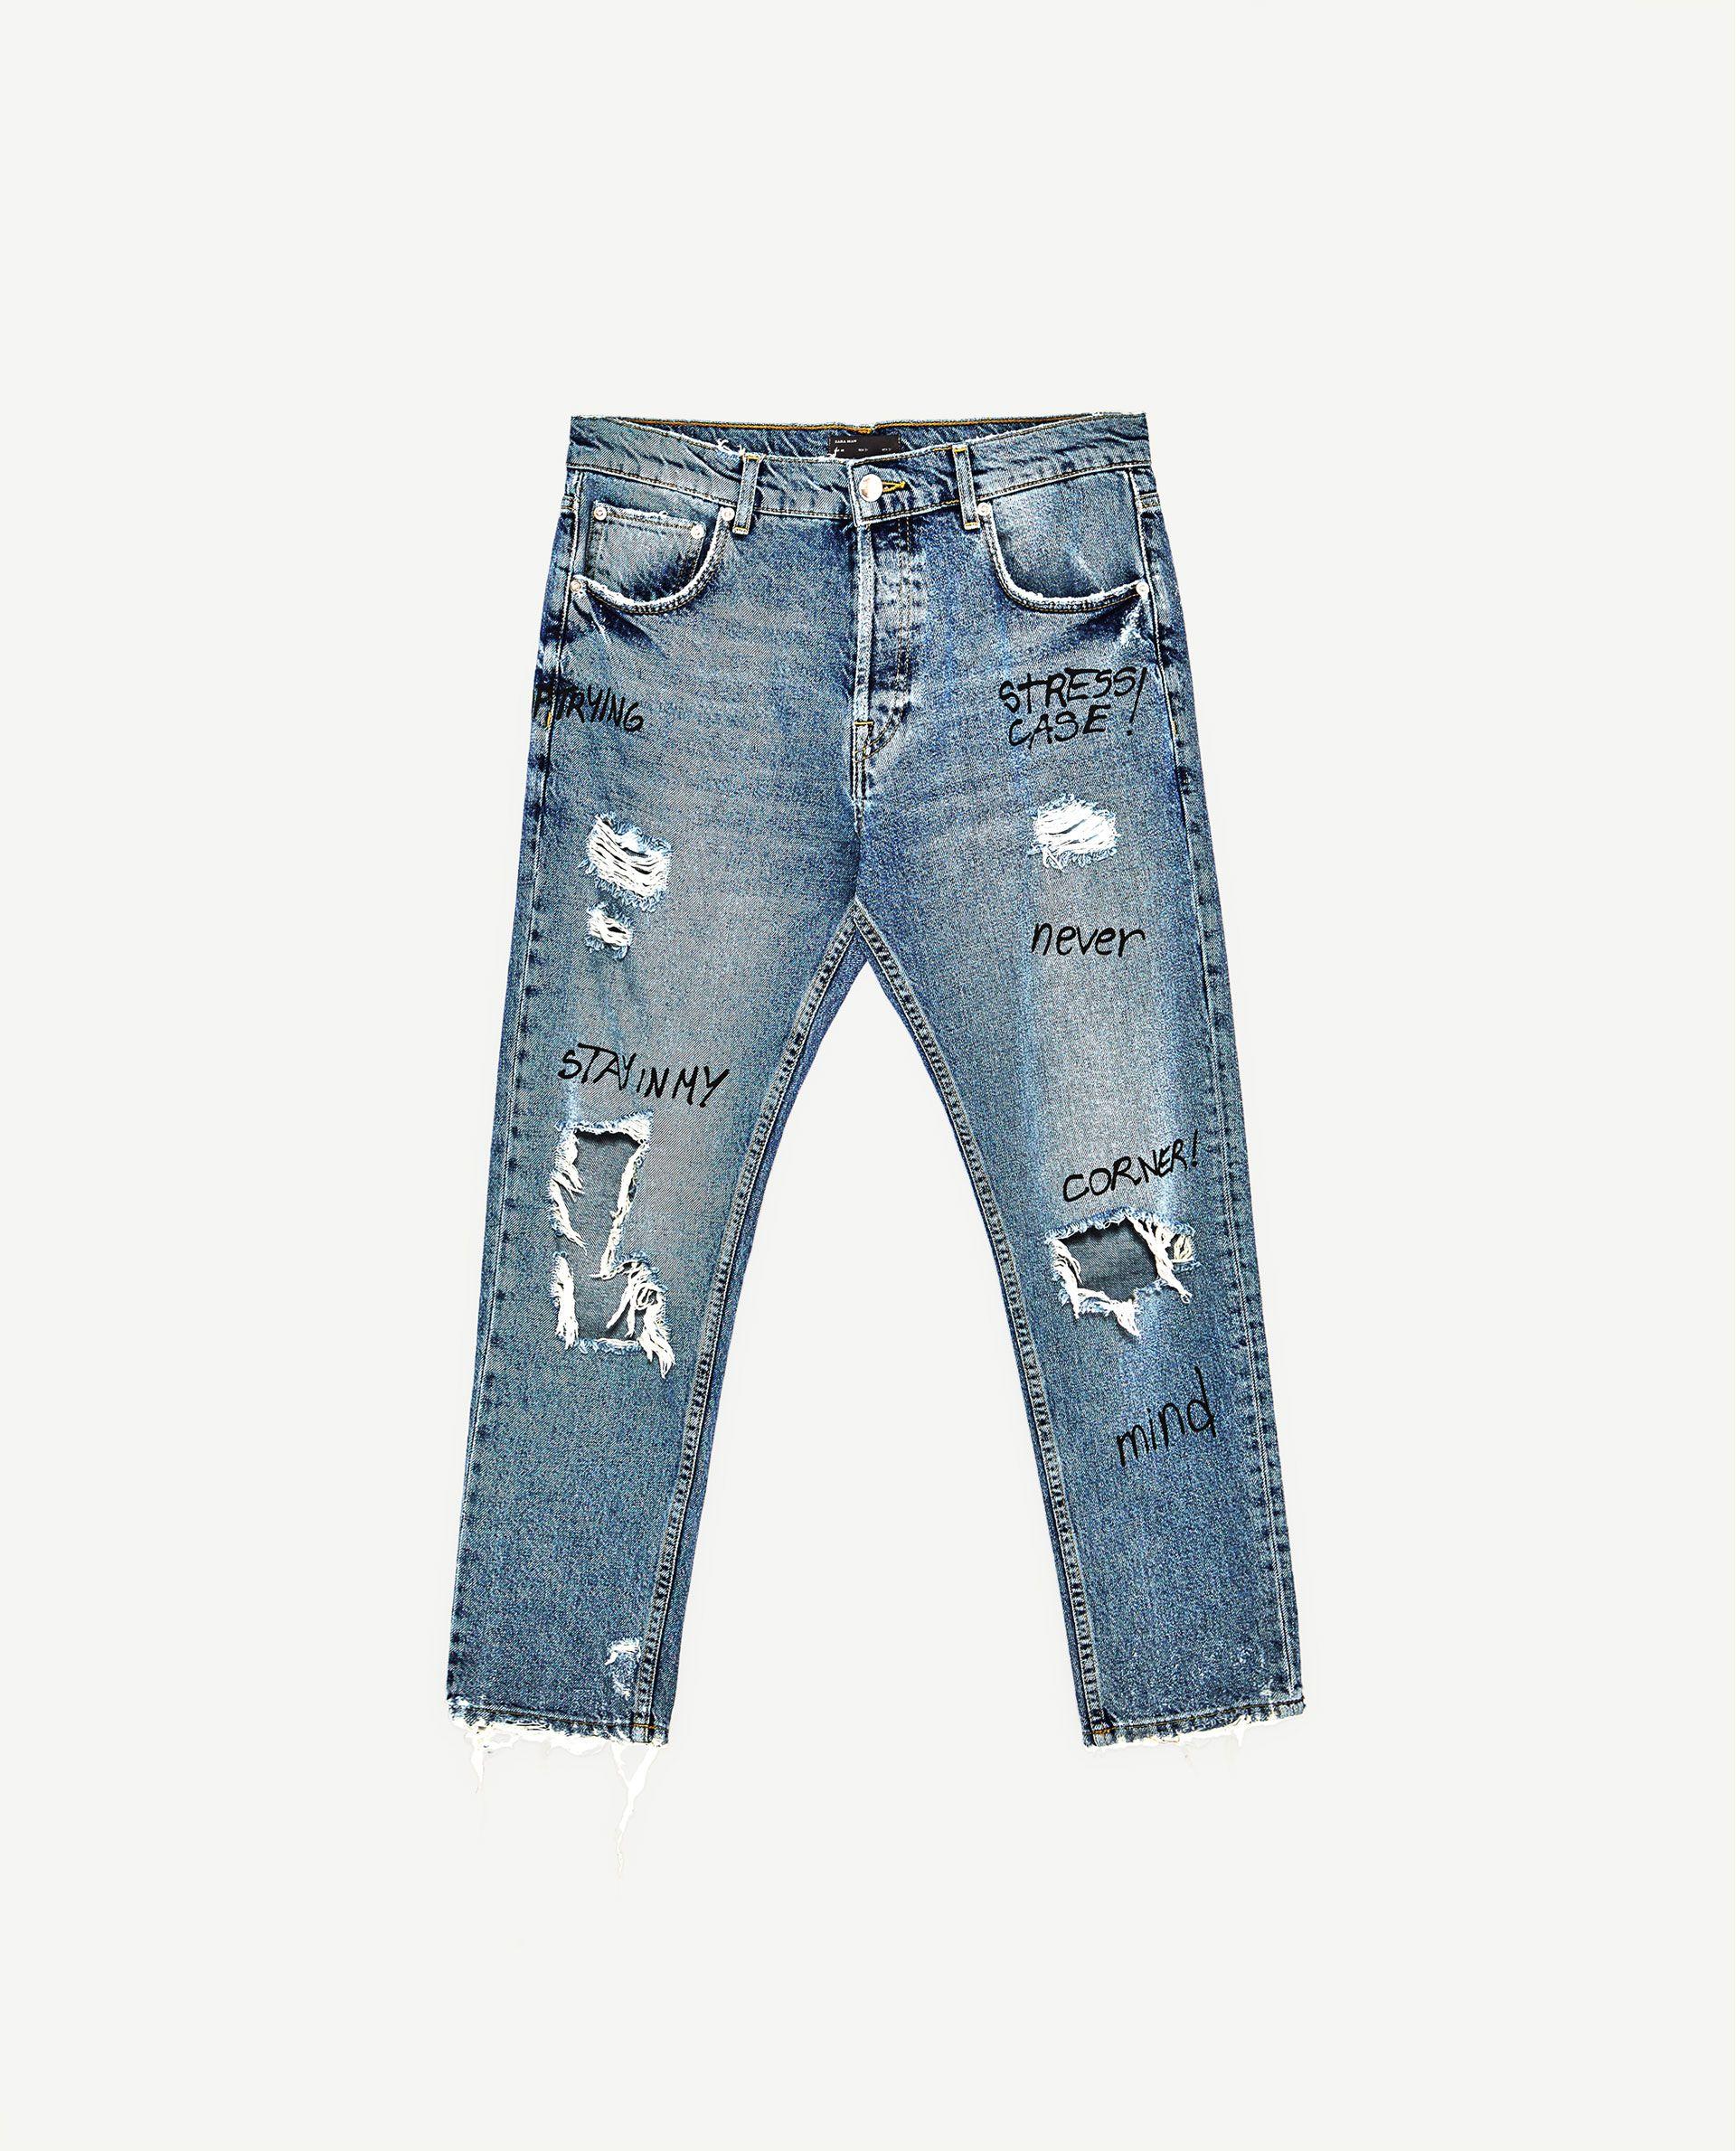 8b3bd8c51b Imagen 6 de DENIM SLIM FIT de Zara | Pants and shorts in 2019 ...